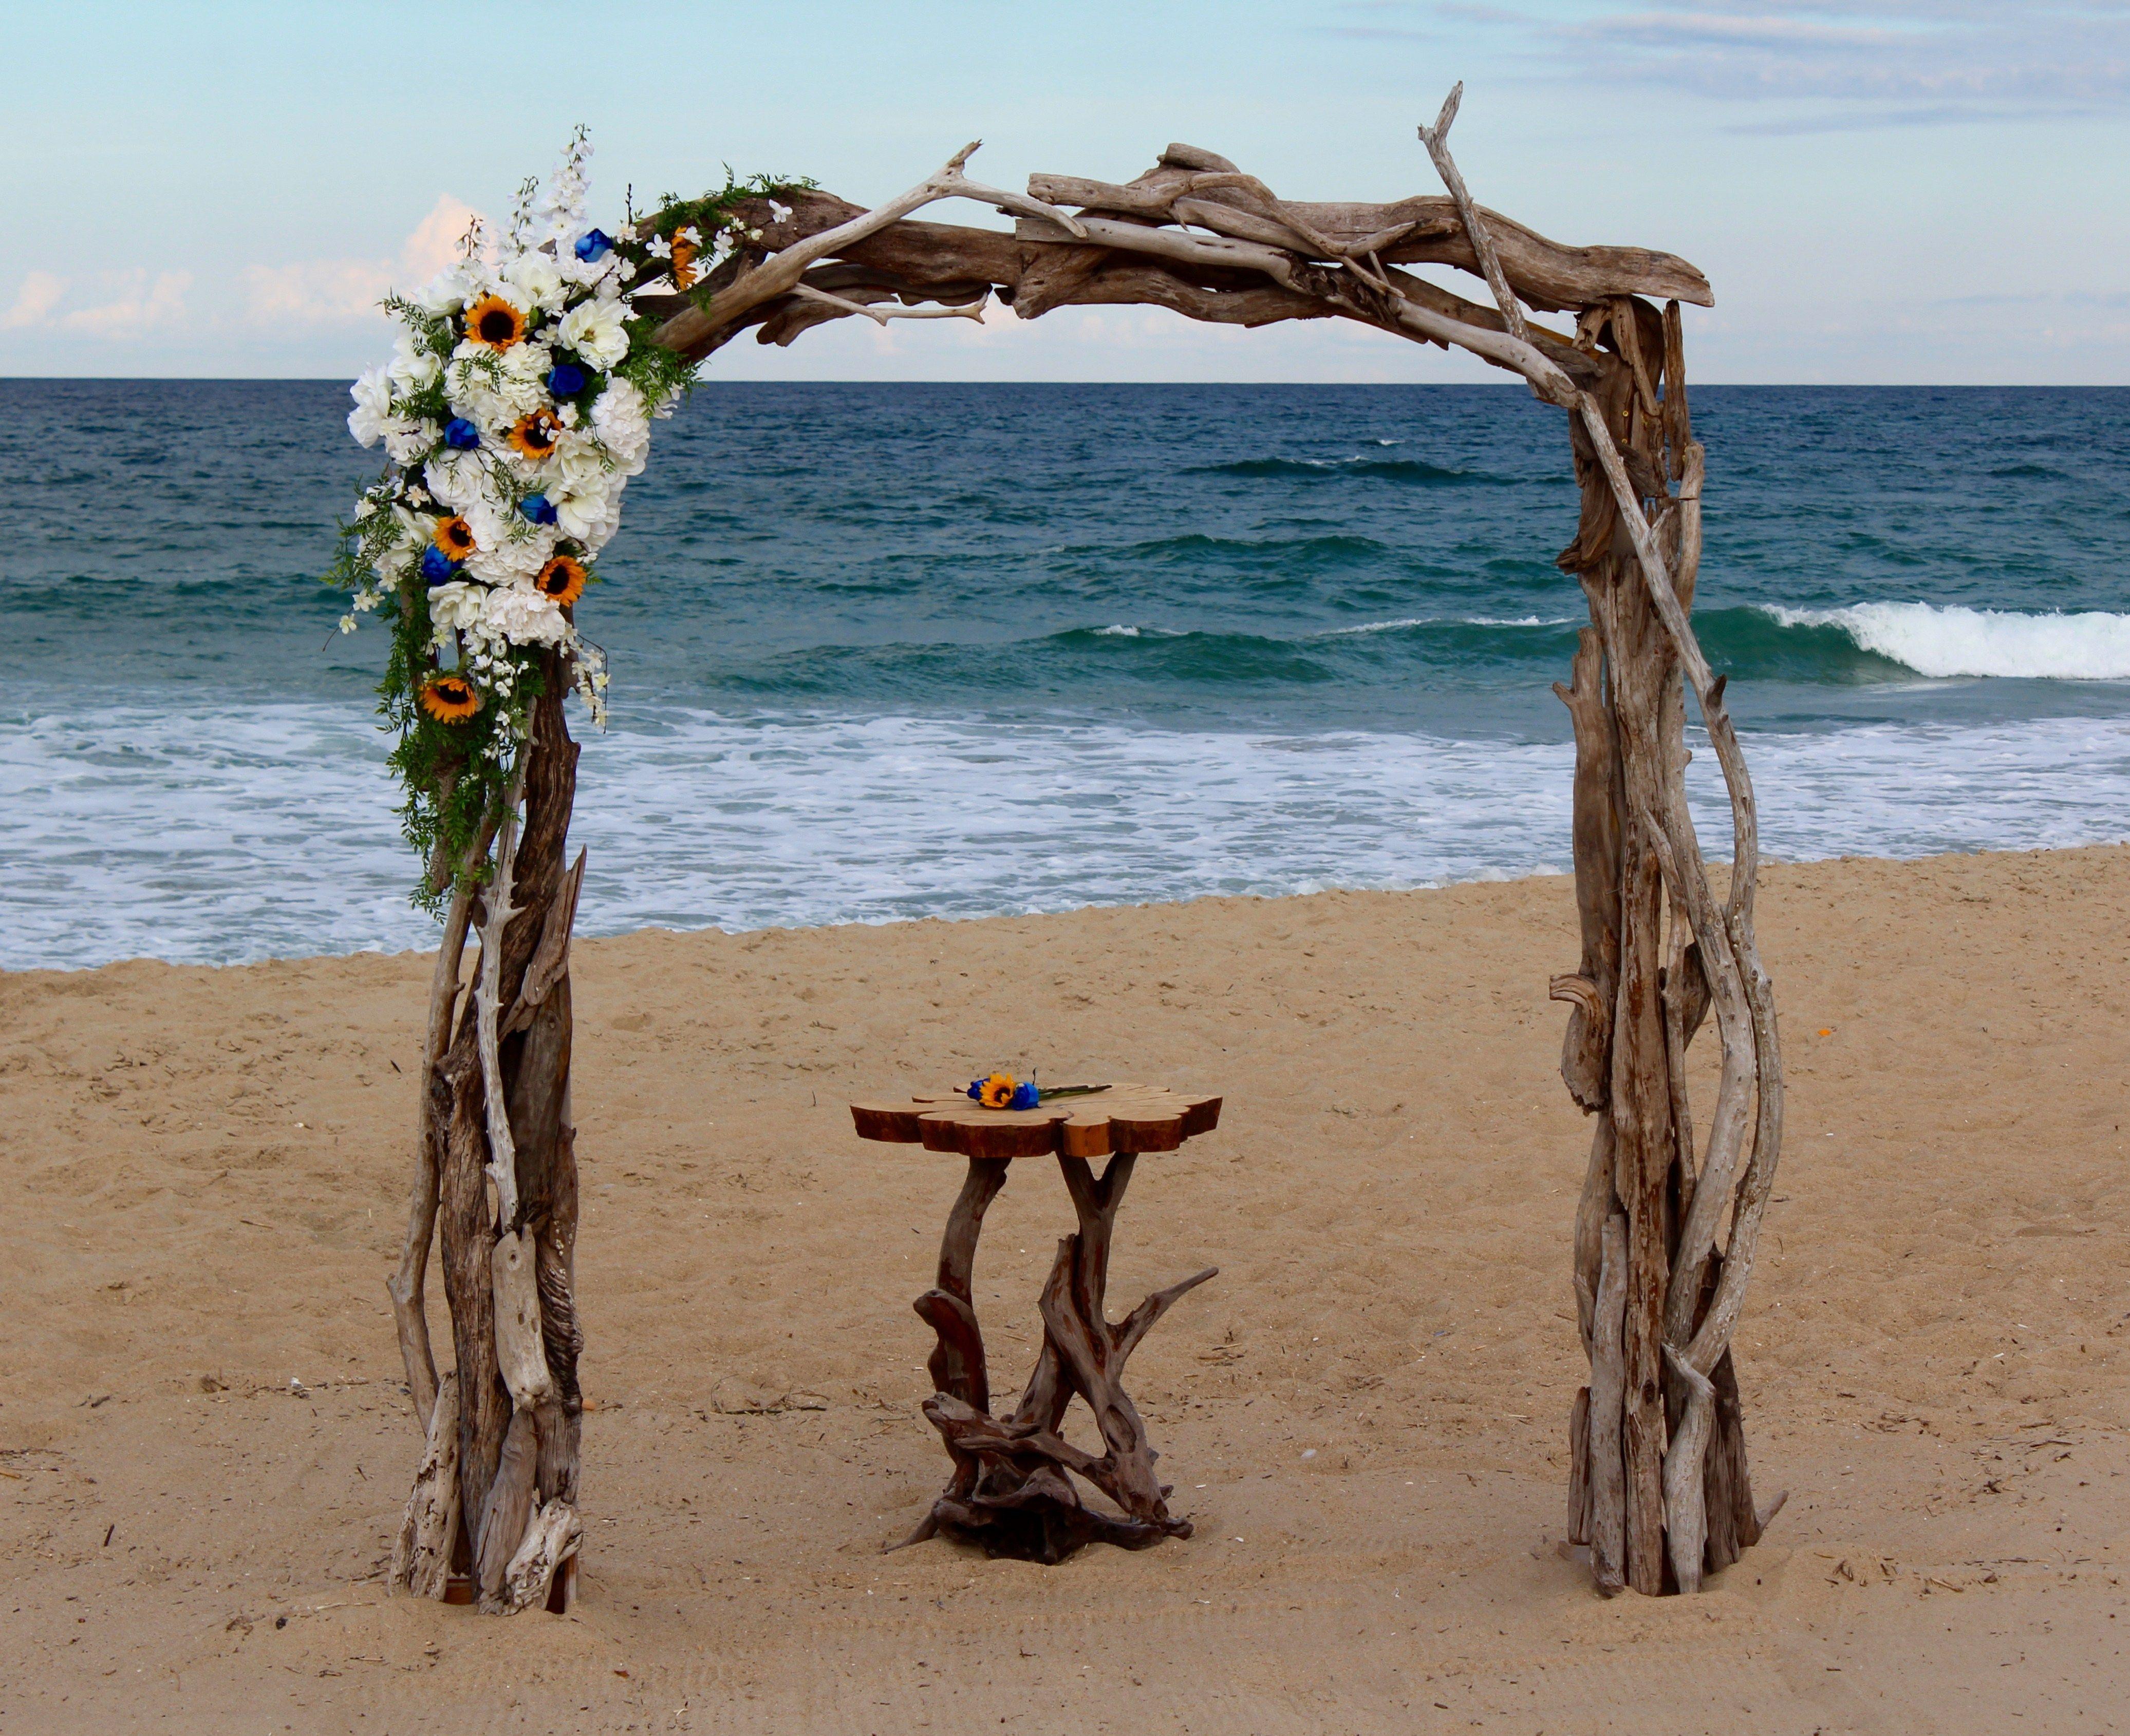 Beach Wedding Arch Driftwood Wedding Arch Driftwood Wedding Beach Wedding Arch Driftwood Wedding Arches